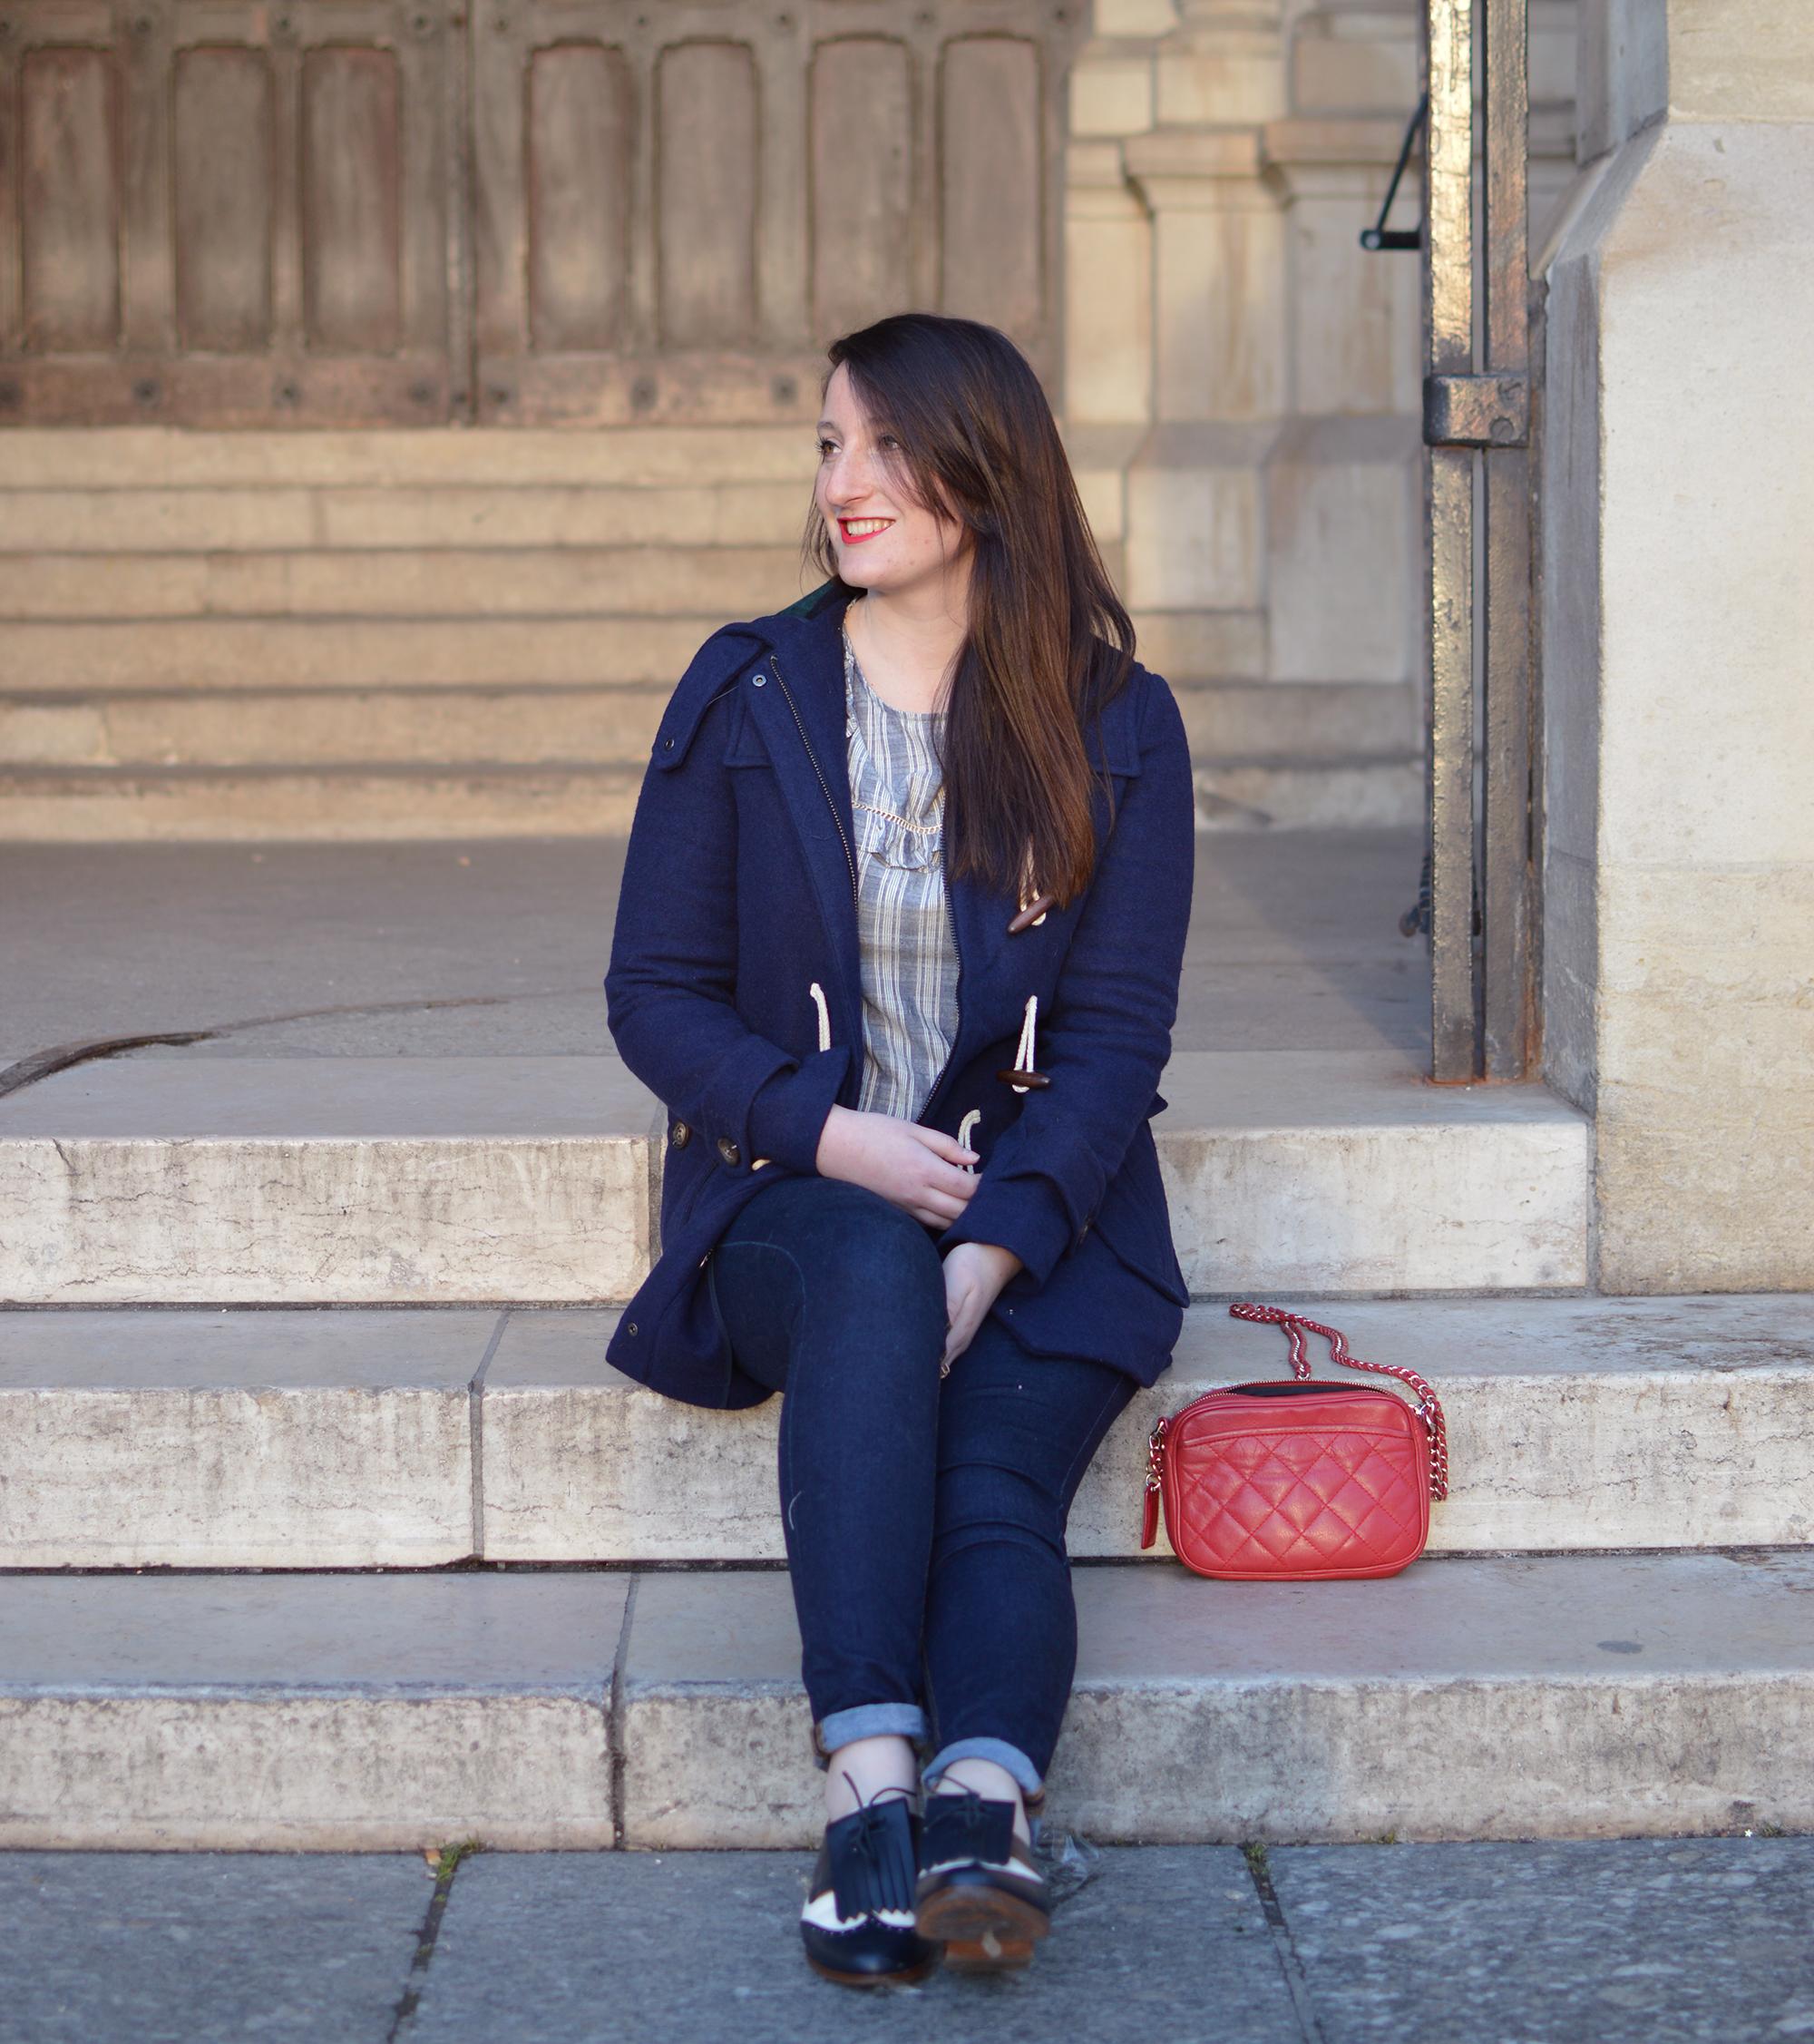 bleu-marine-bleumarine-rouge-look-sezane-dufflecoat-3